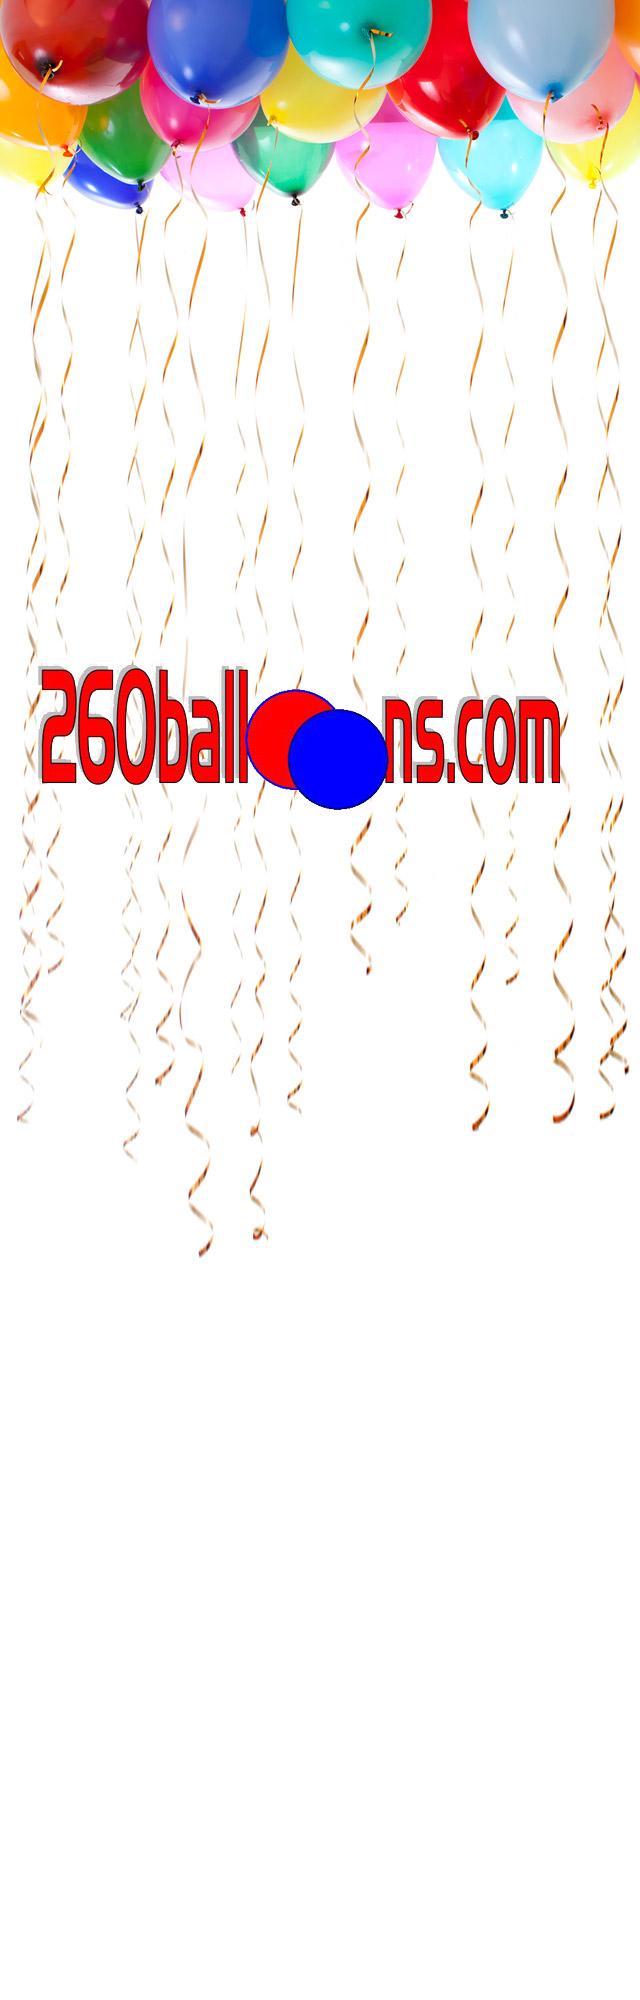 260 Balloons